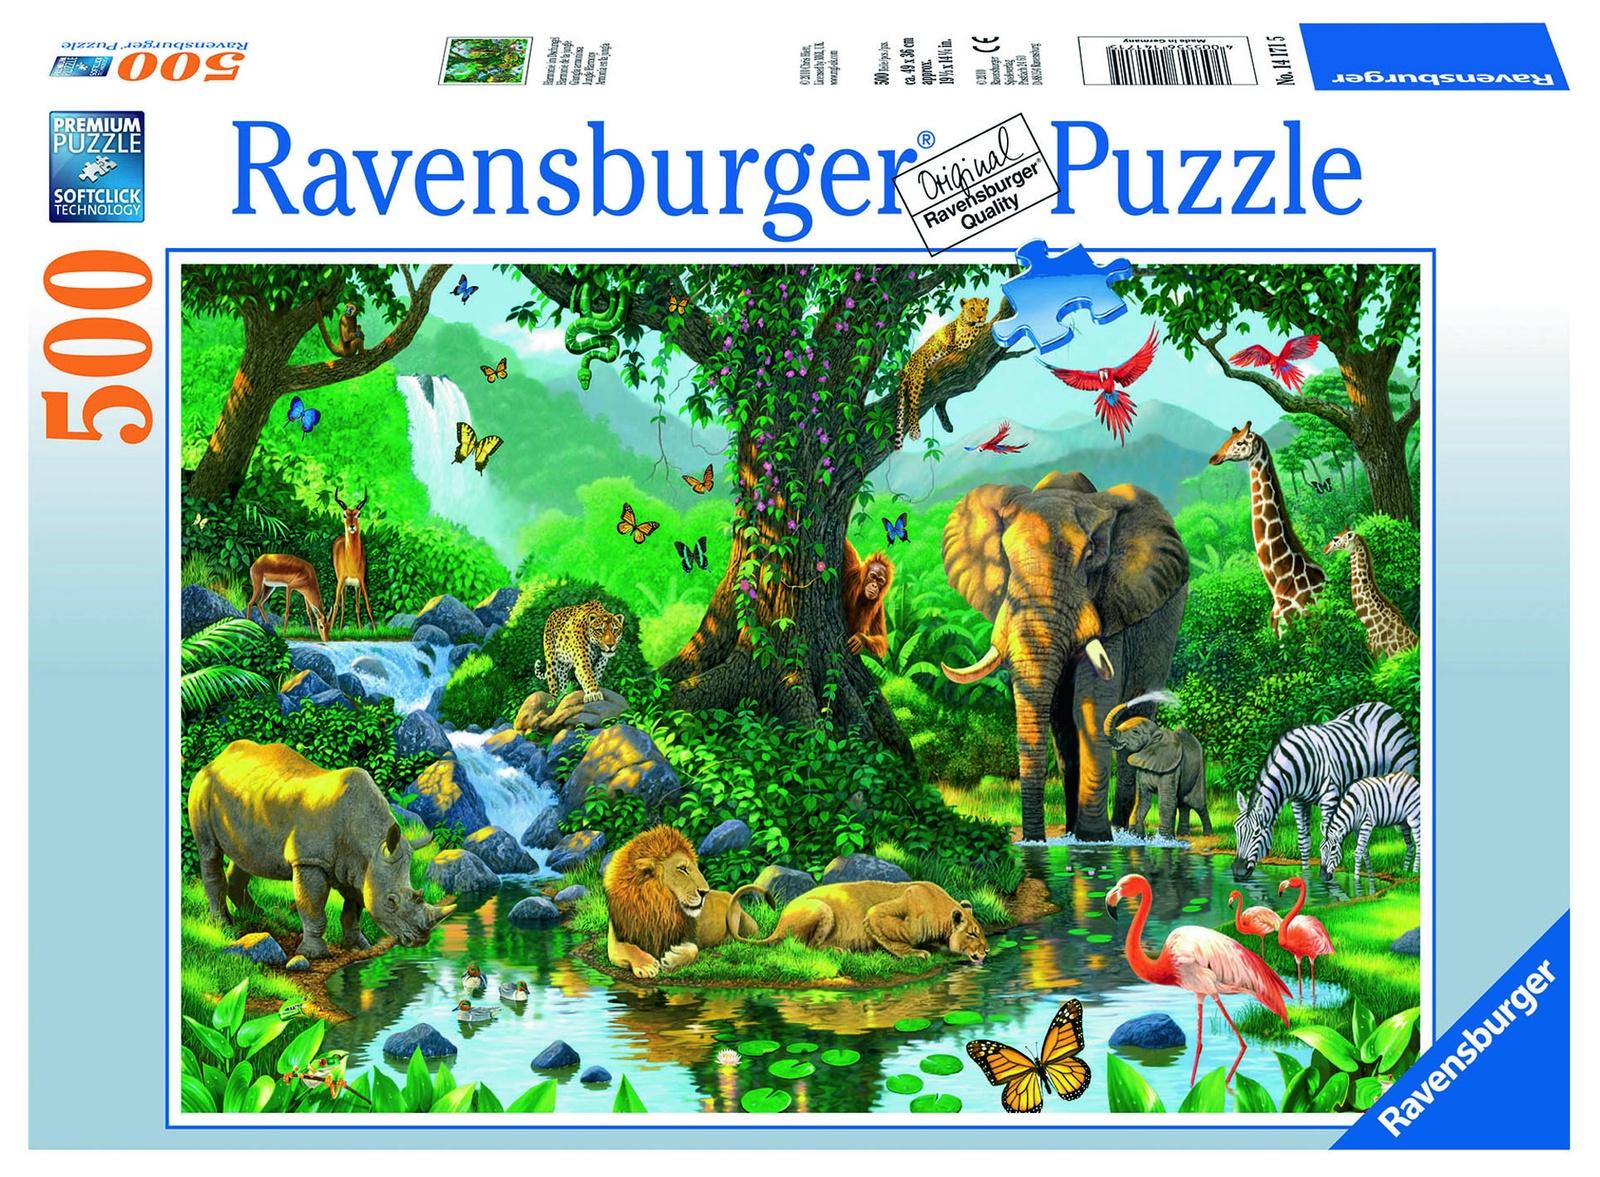 цена на Пазл Ravensburger Гармония джунглей 500 шт арт.14171